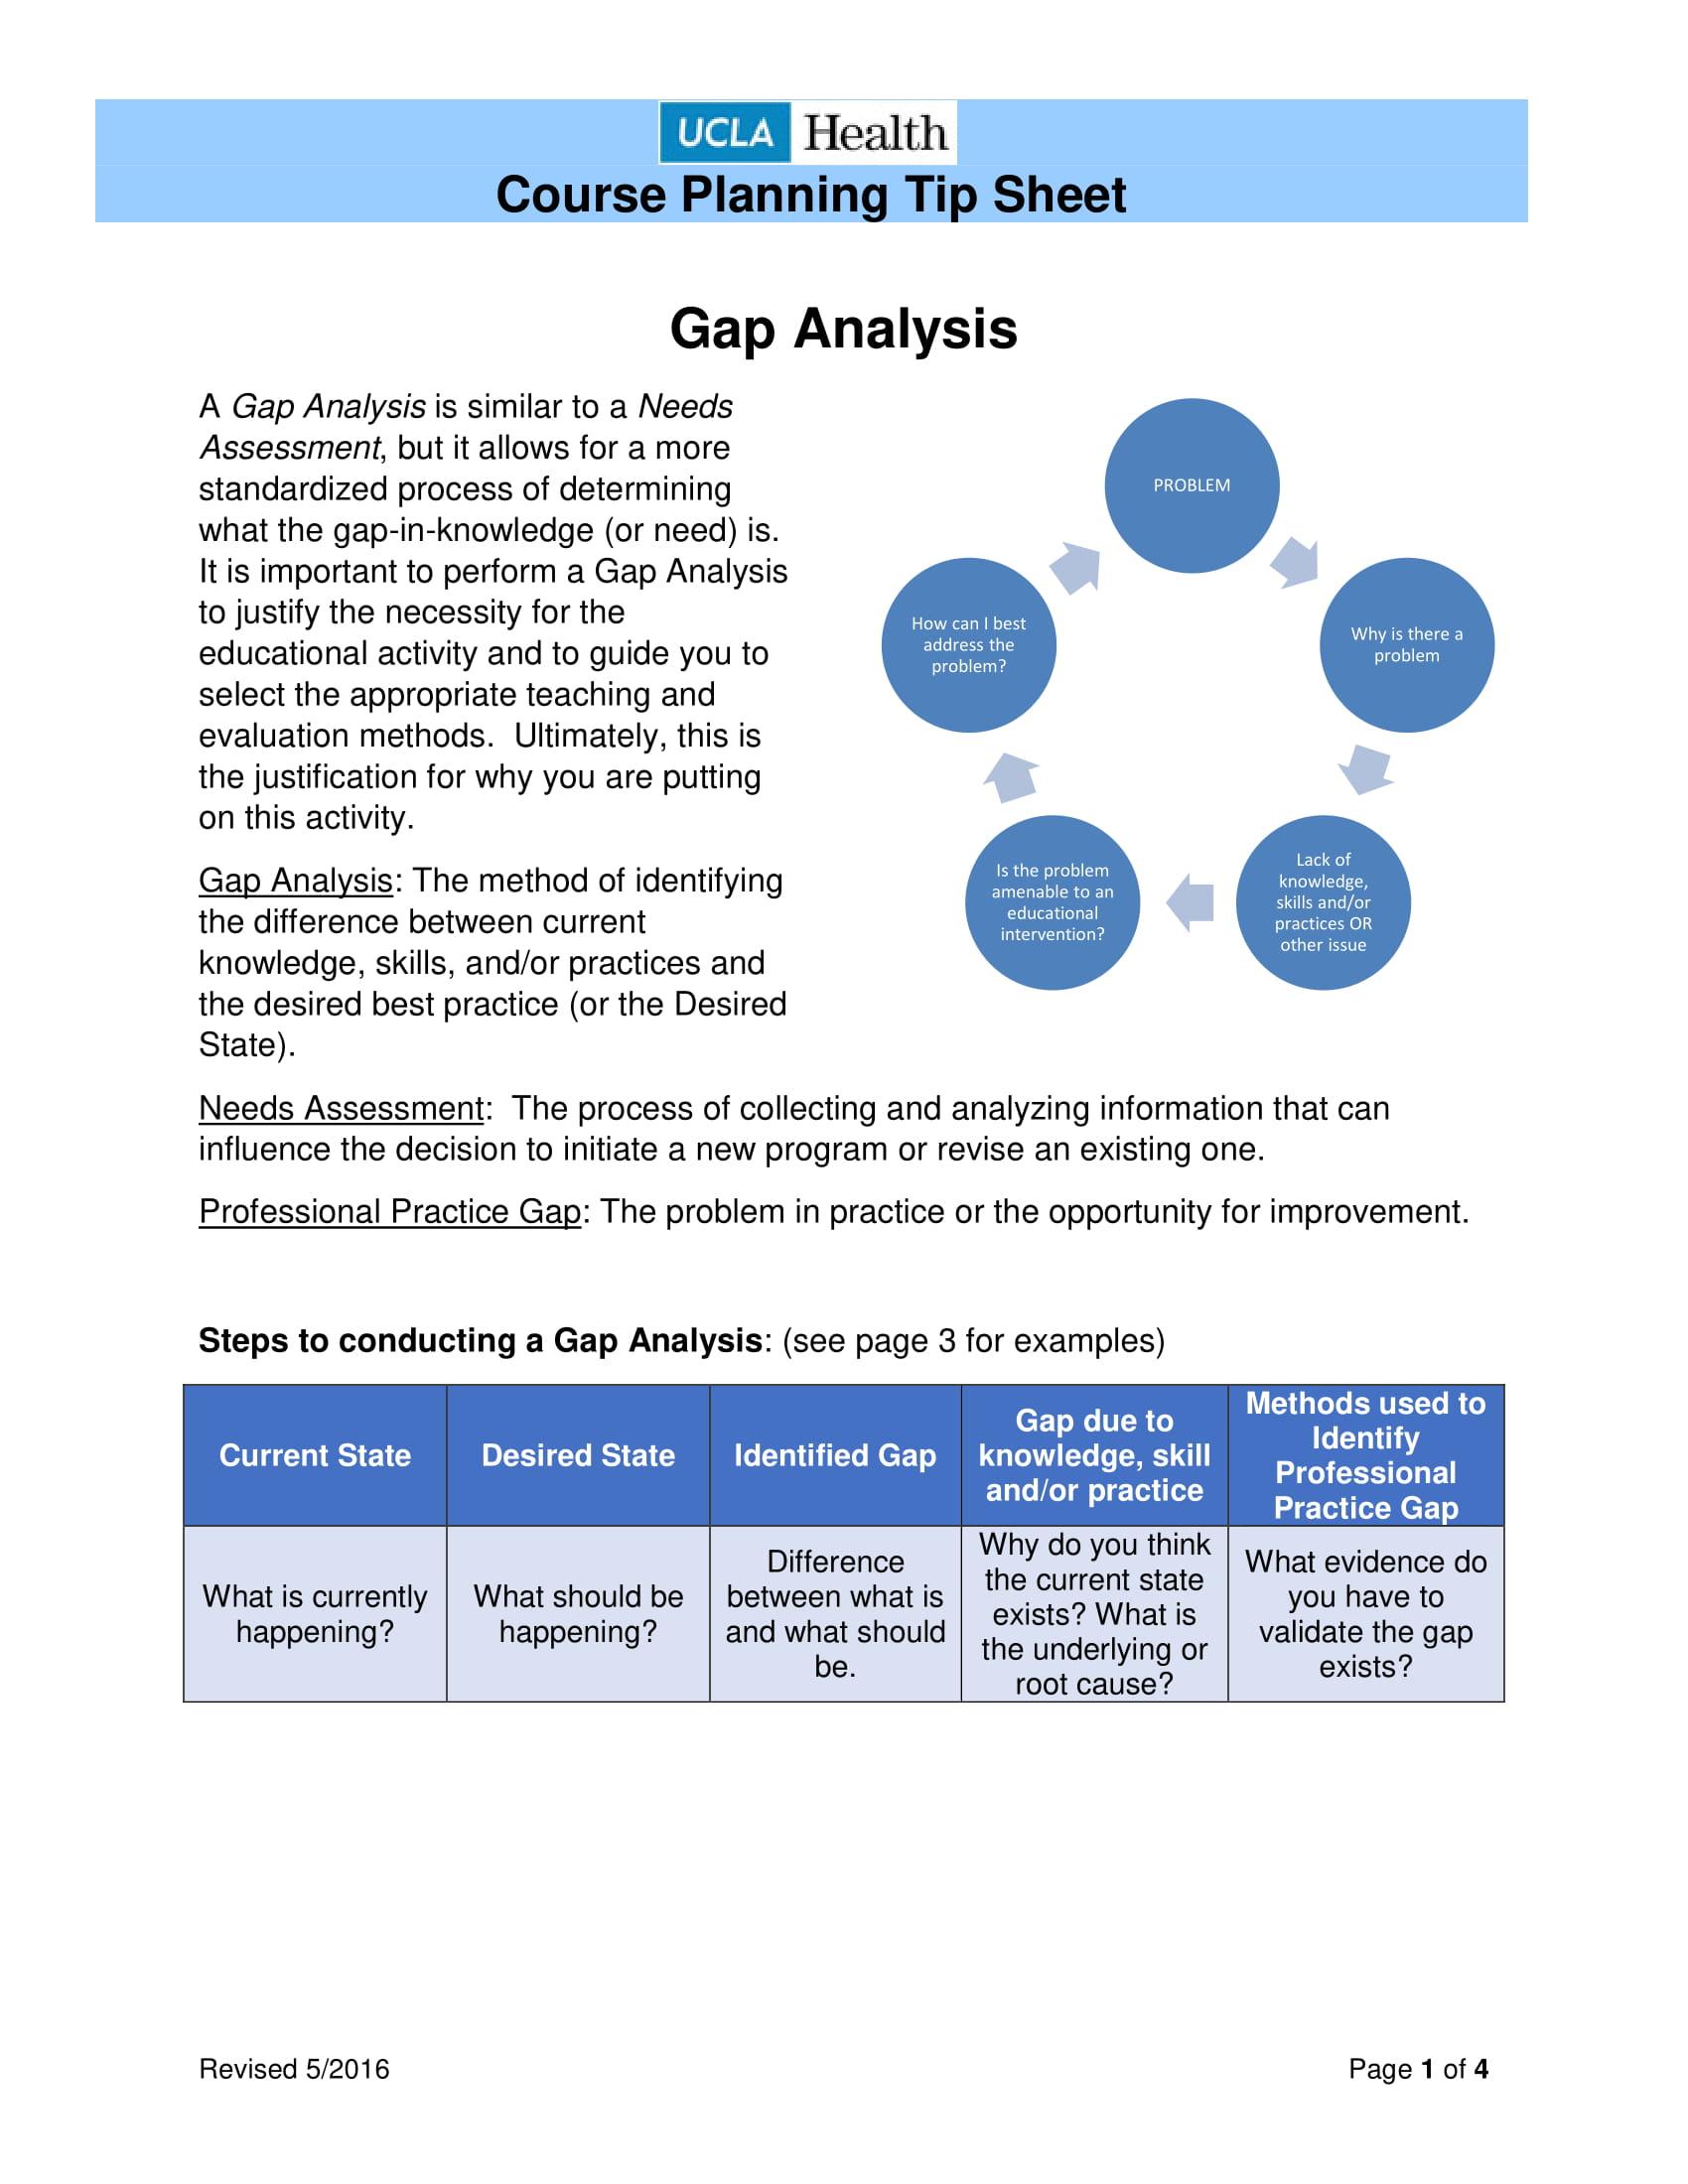 heathcare gap analysis example 1